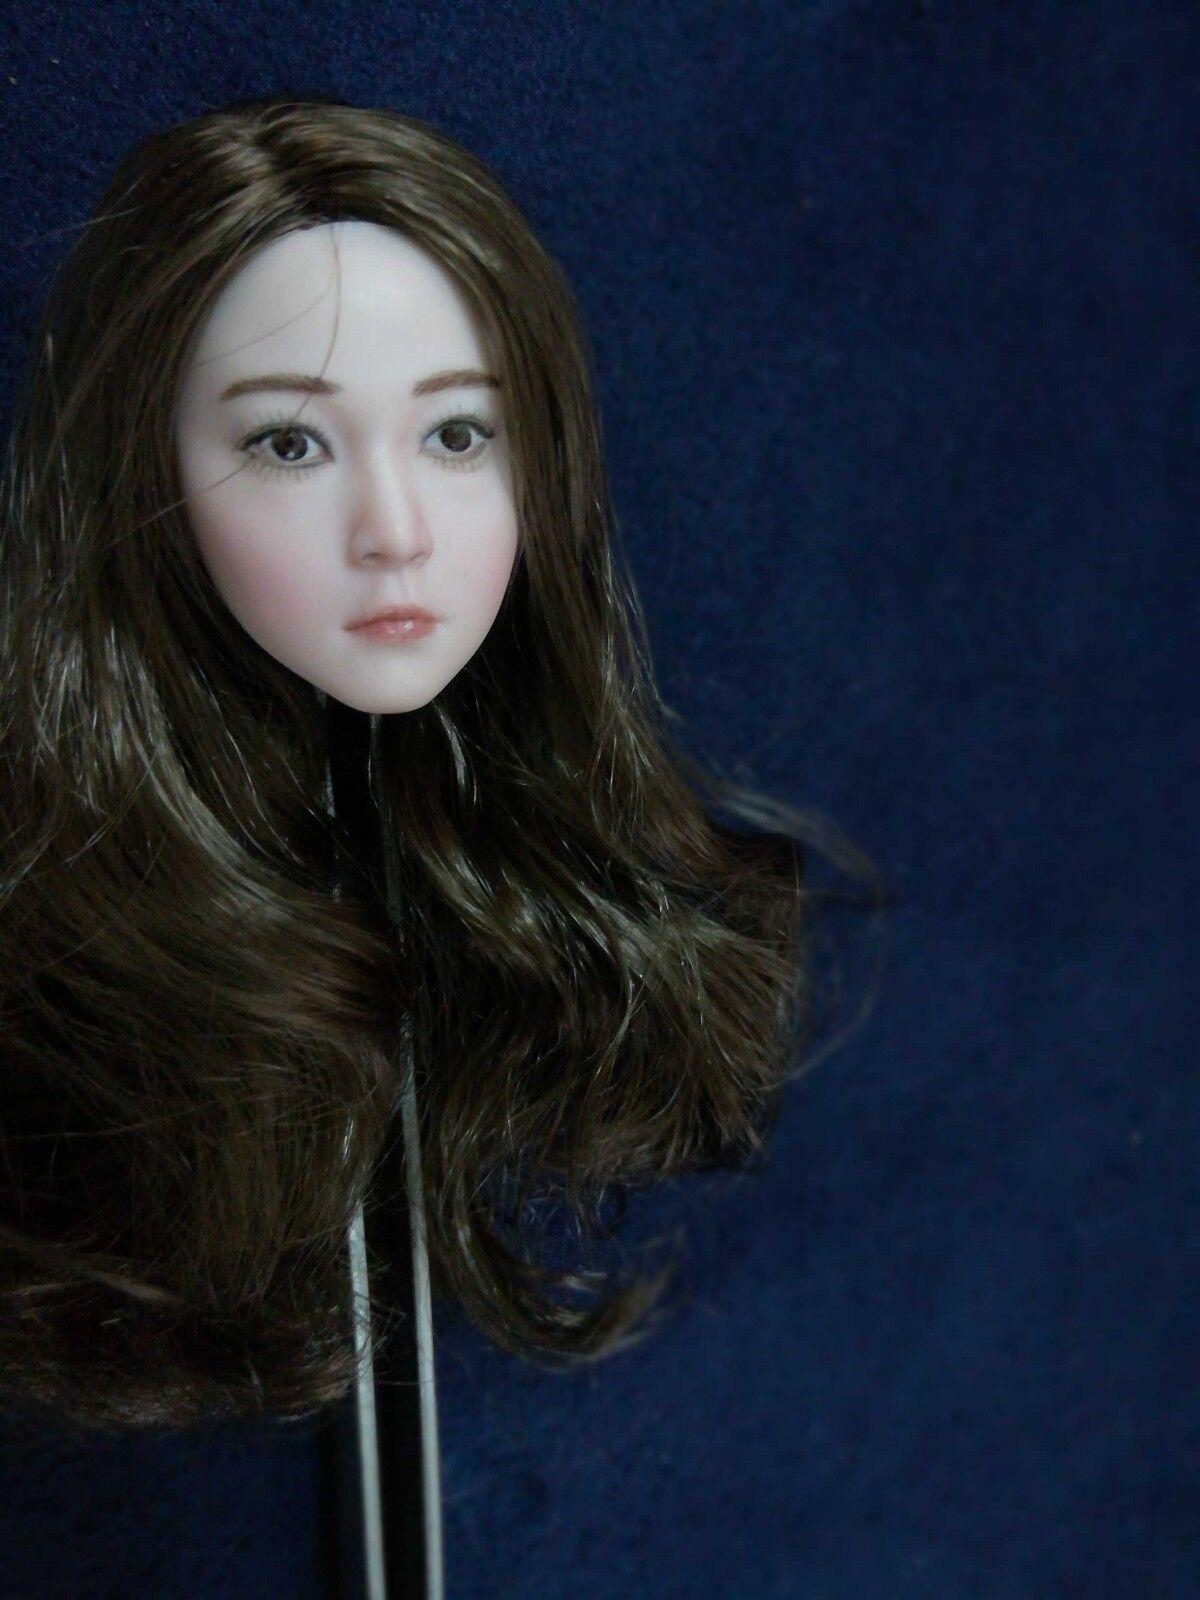 1 6 Scale Pale Skin Head Carving Little Beauty Girl Head Model Toy